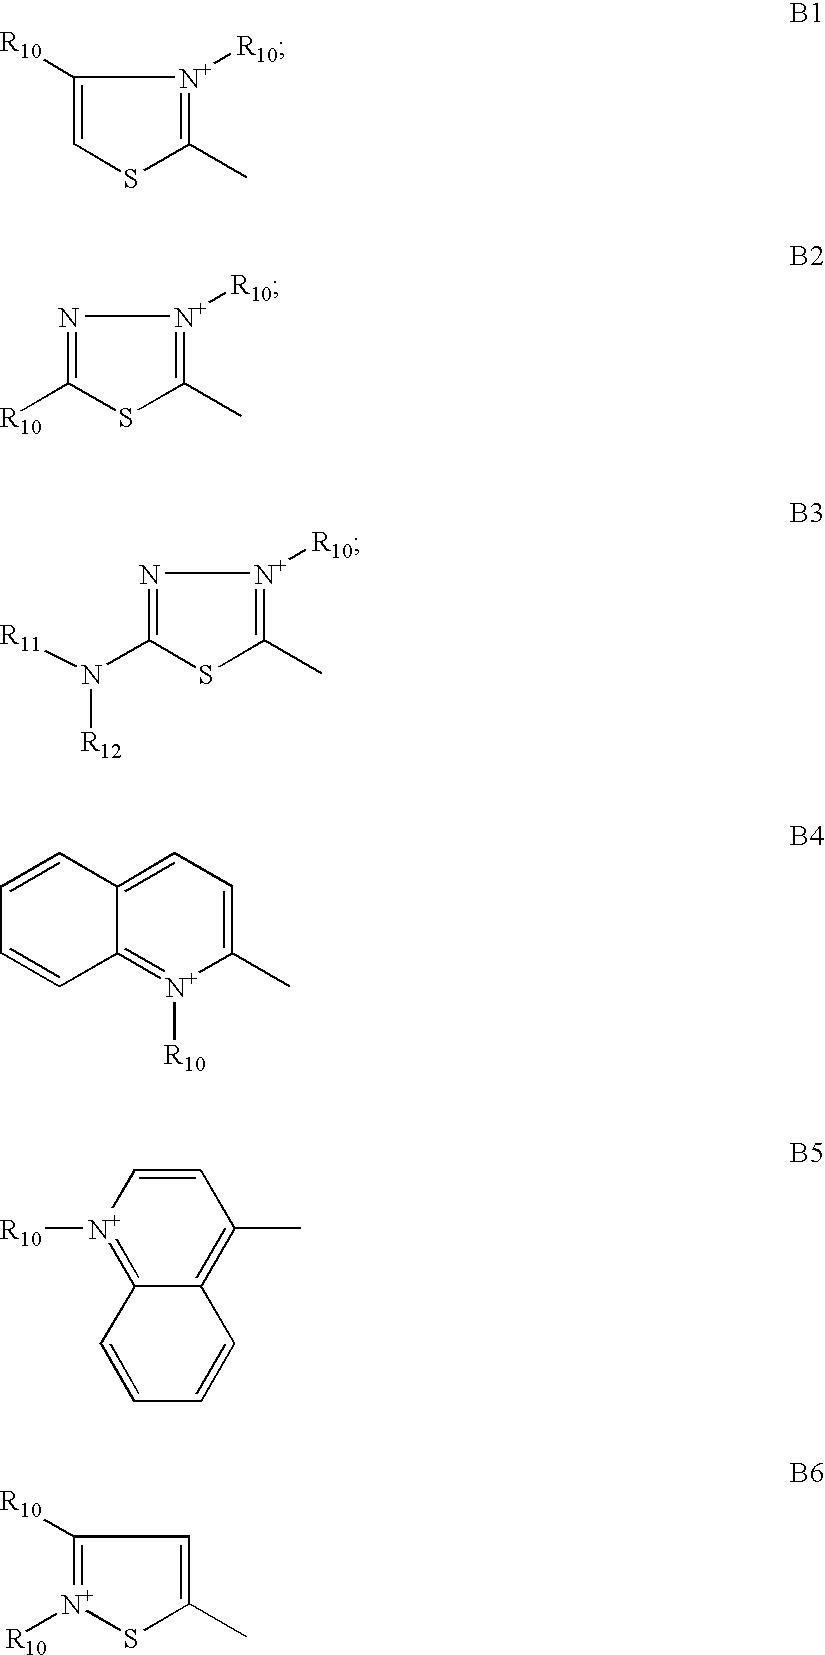 Figure US07935154-20110503-C00006